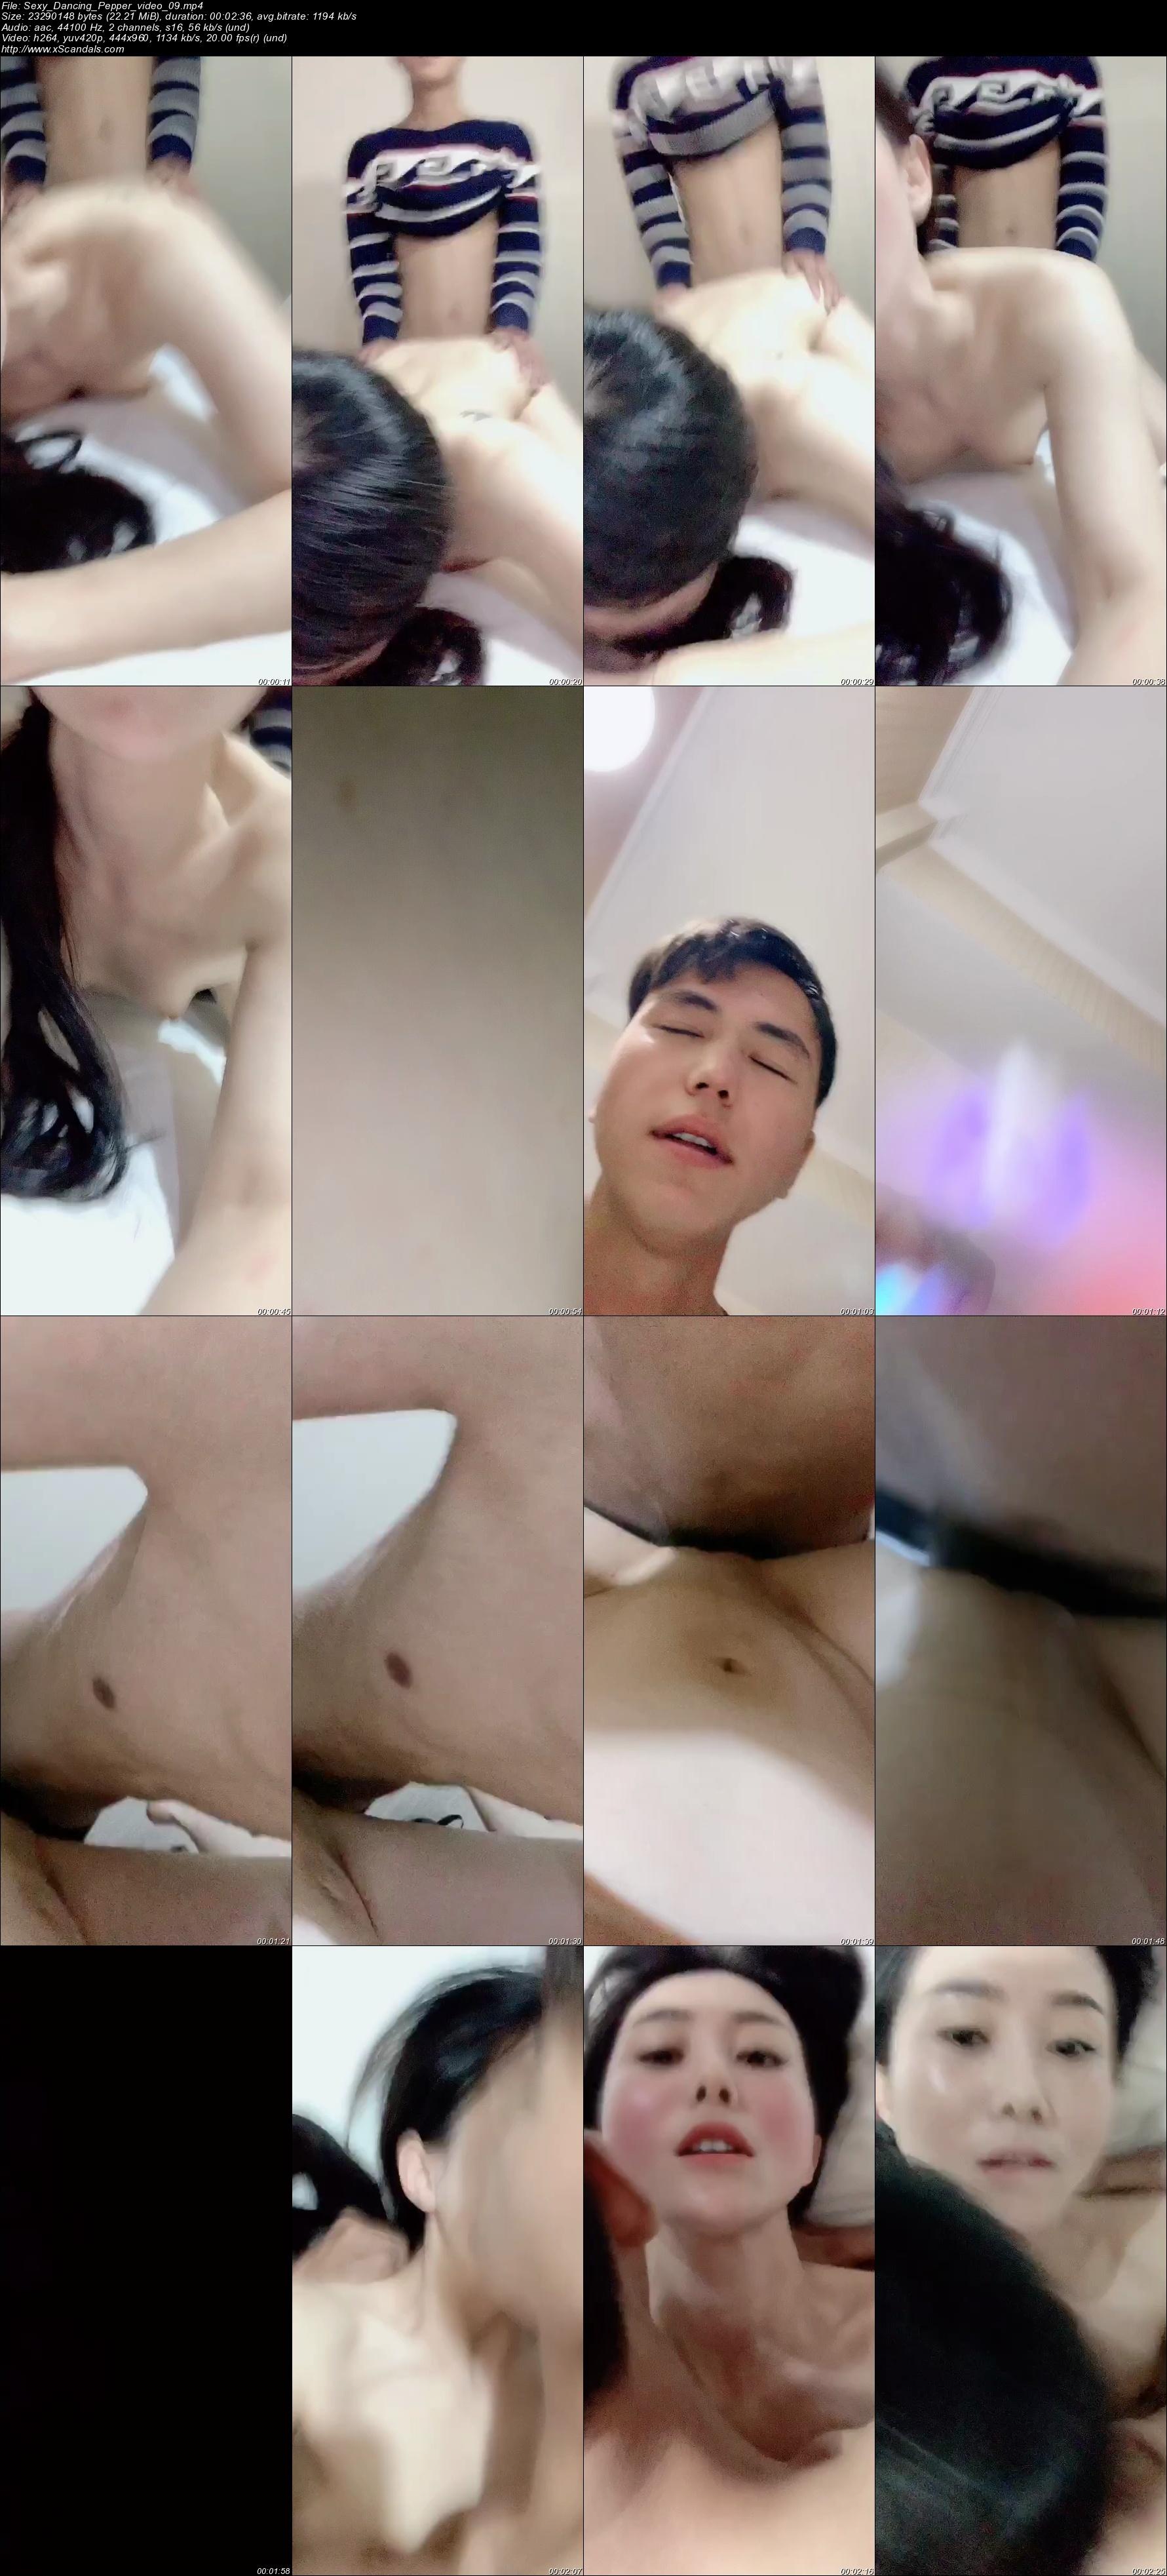 Sexy_Dancing_Pepper_video_09.jpeg